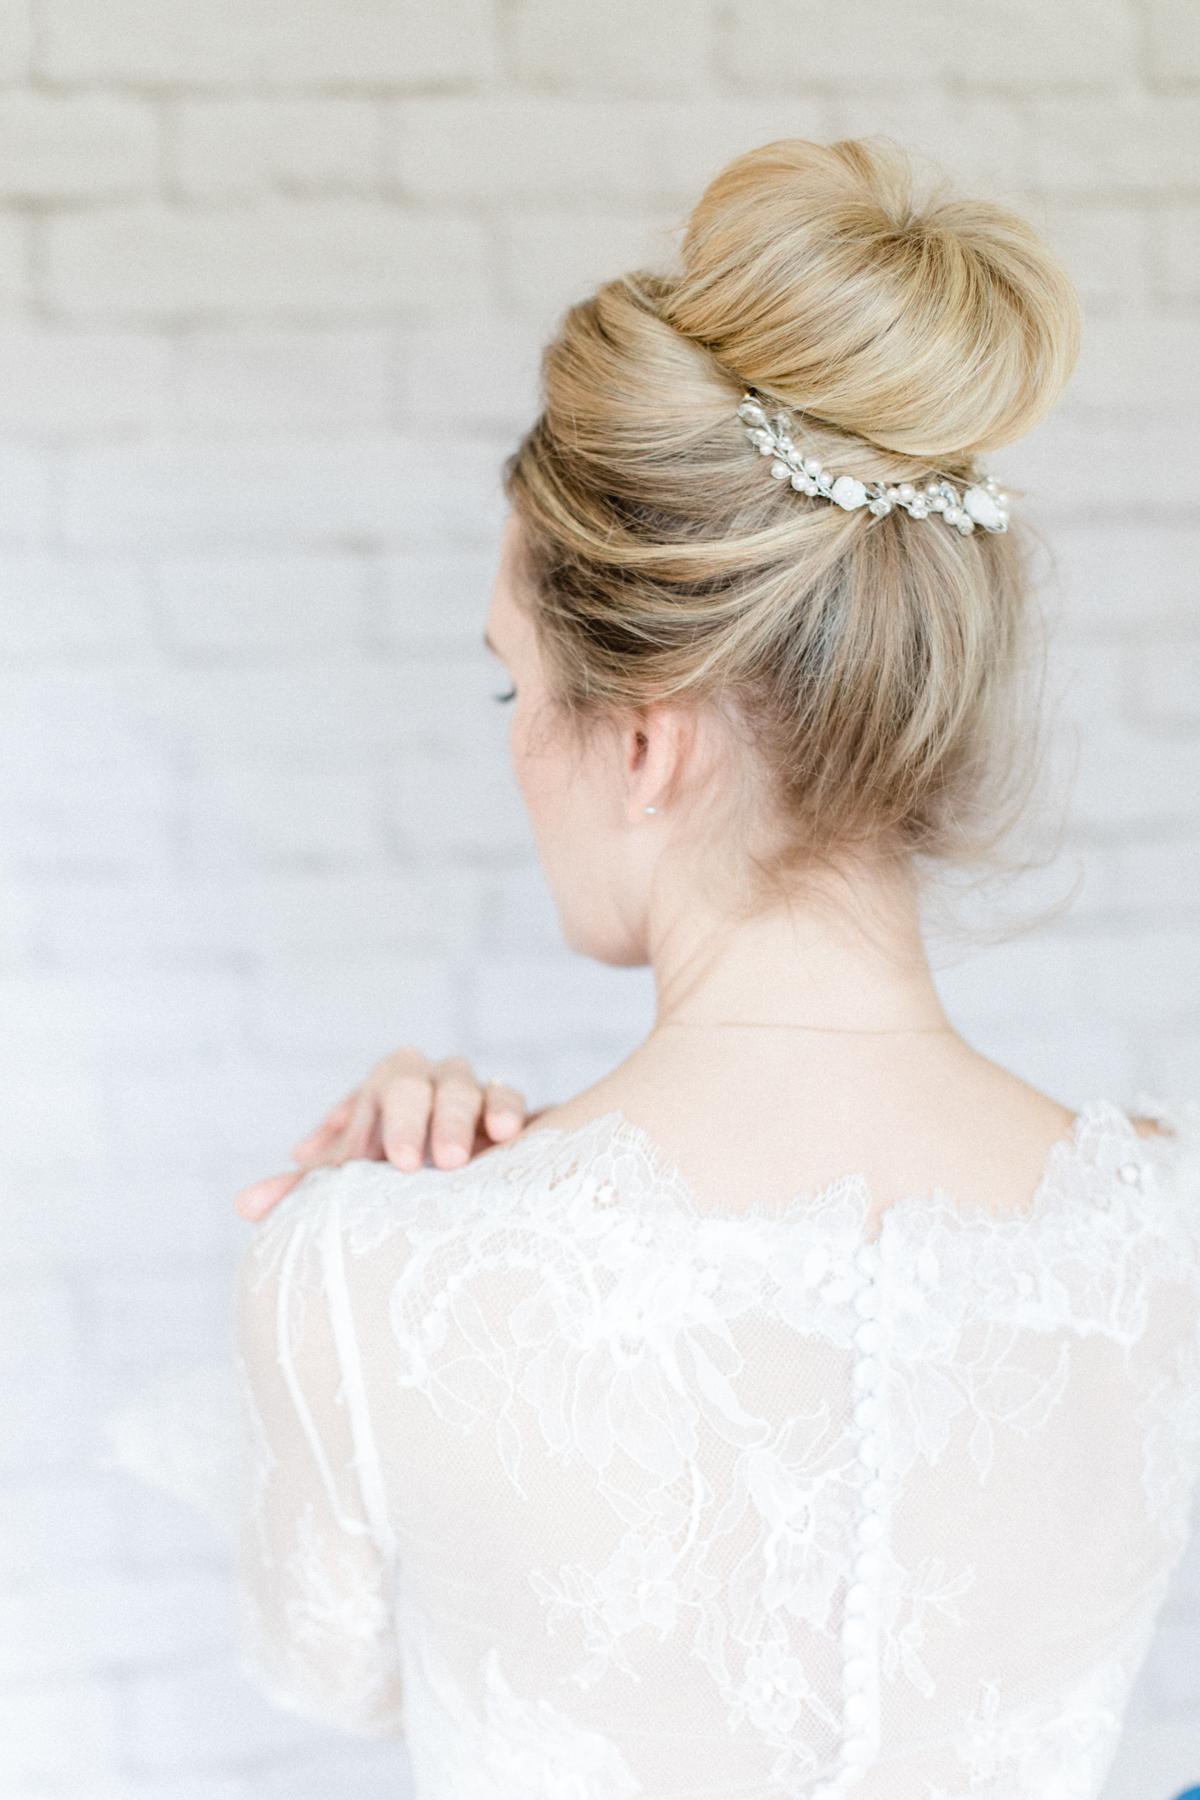 Die Schönsten Brautfrisuren 2018 Für Schulterlange Und Lange Haare